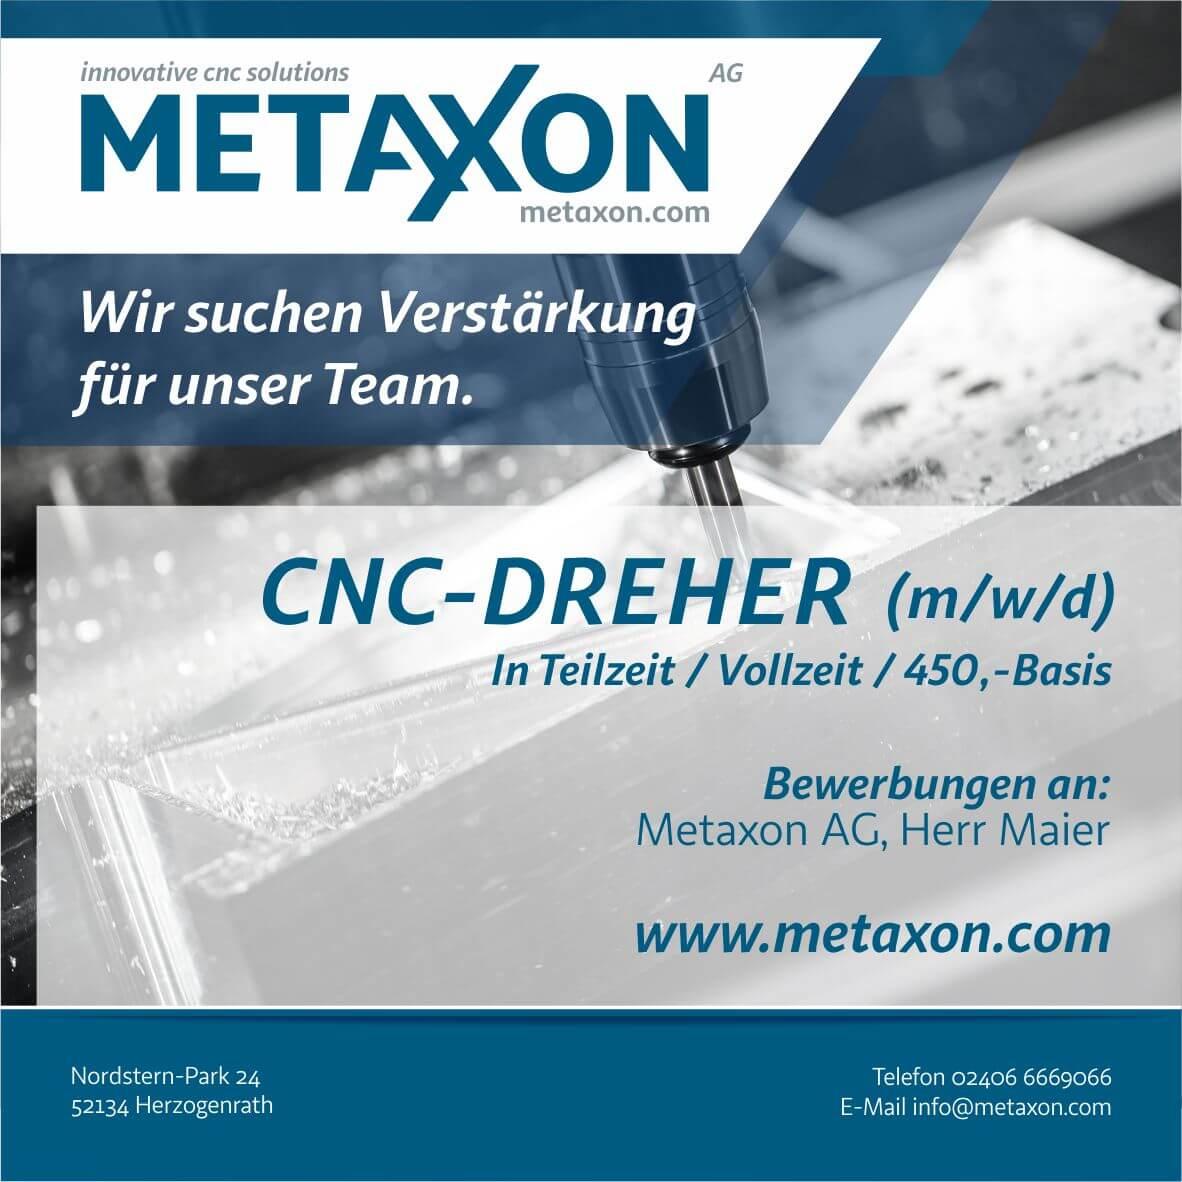 Metaxon AG Stellenazeige